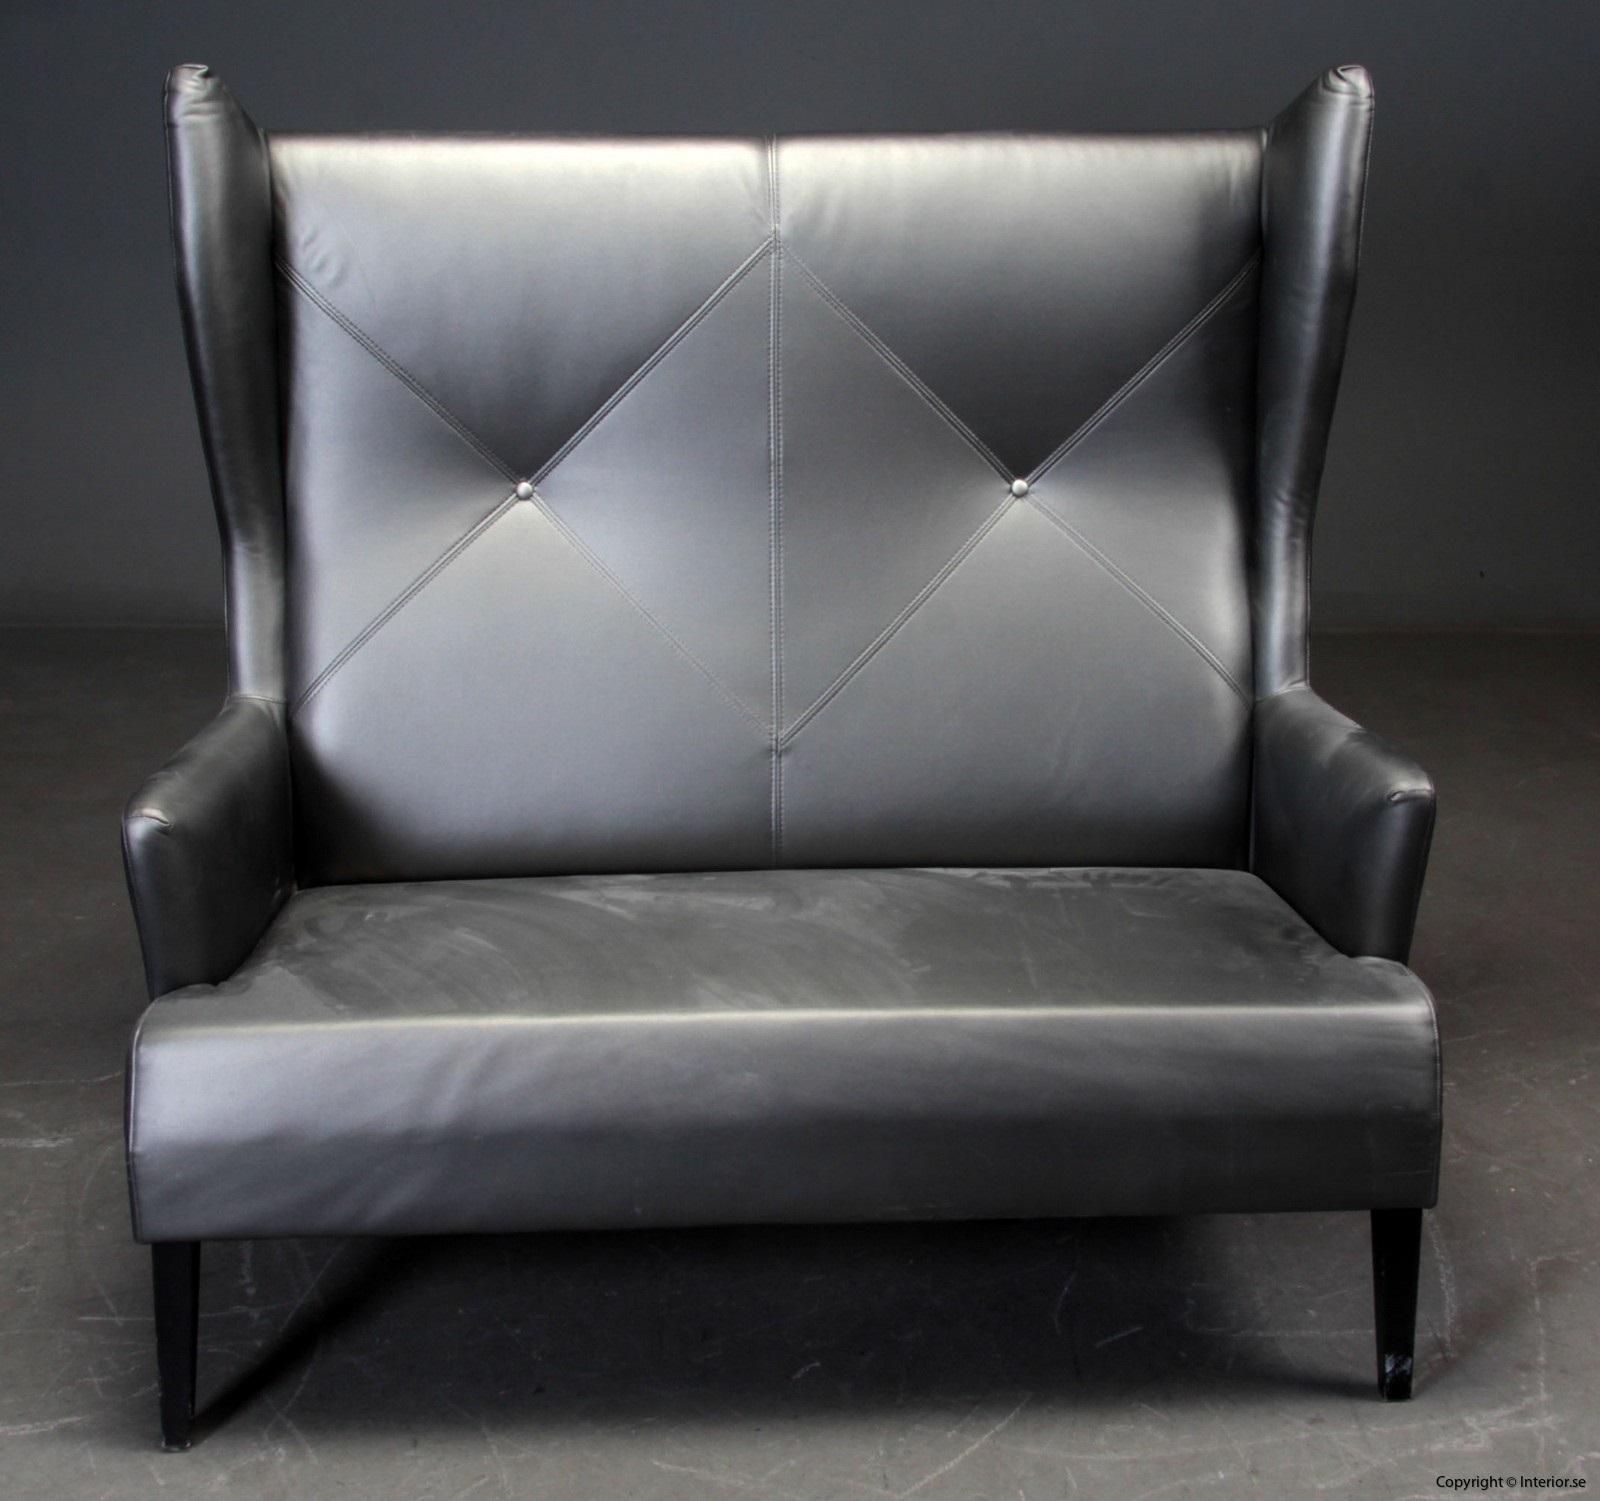 1 Soffa, Induflex - Hög rygg i konstläder 5